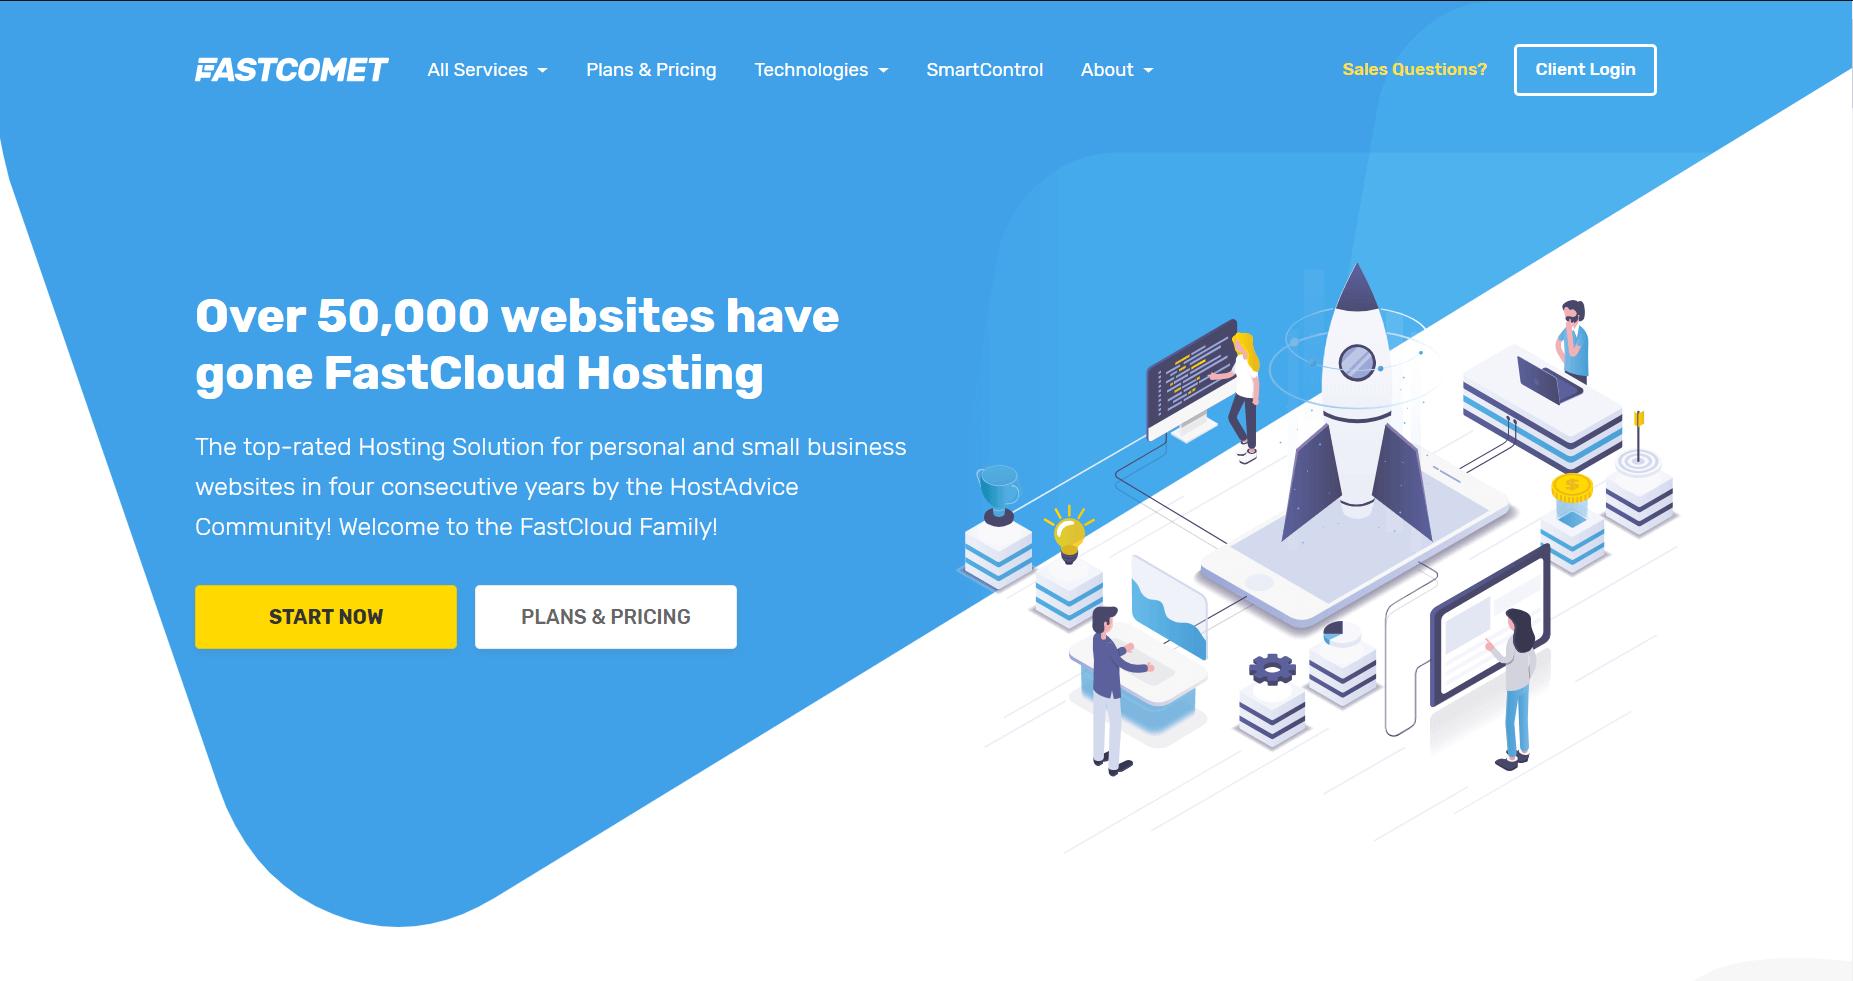 FastComet Review - Top Rated WebHostings